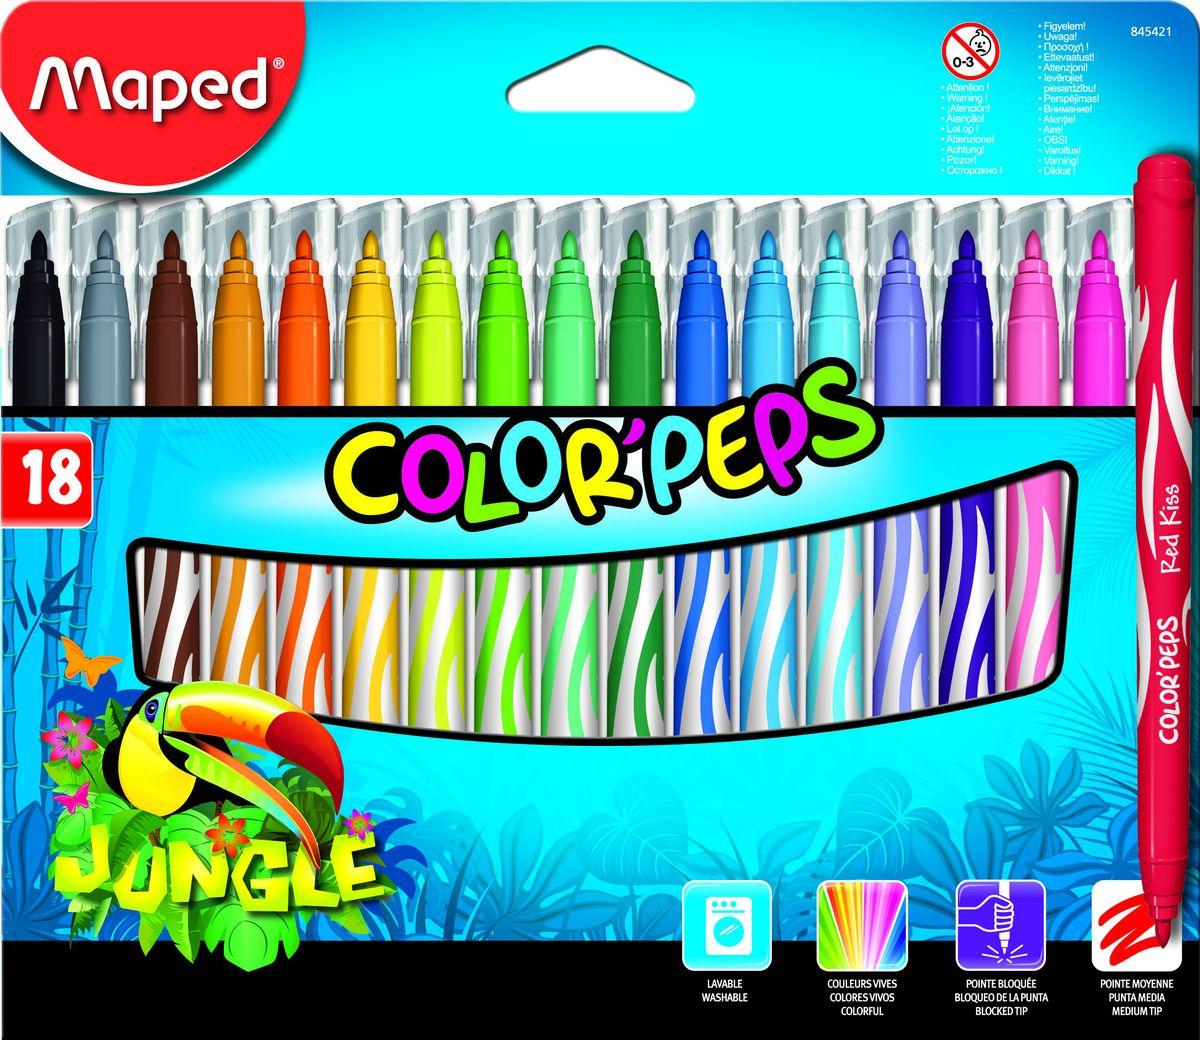 Maped Набор фломастеров Jungle 18 цветовFS-36054Фломастеры с заблокированным пишущим узлом, средний пишущий узел, смываемые, в картонном футляре, 18 цветов.